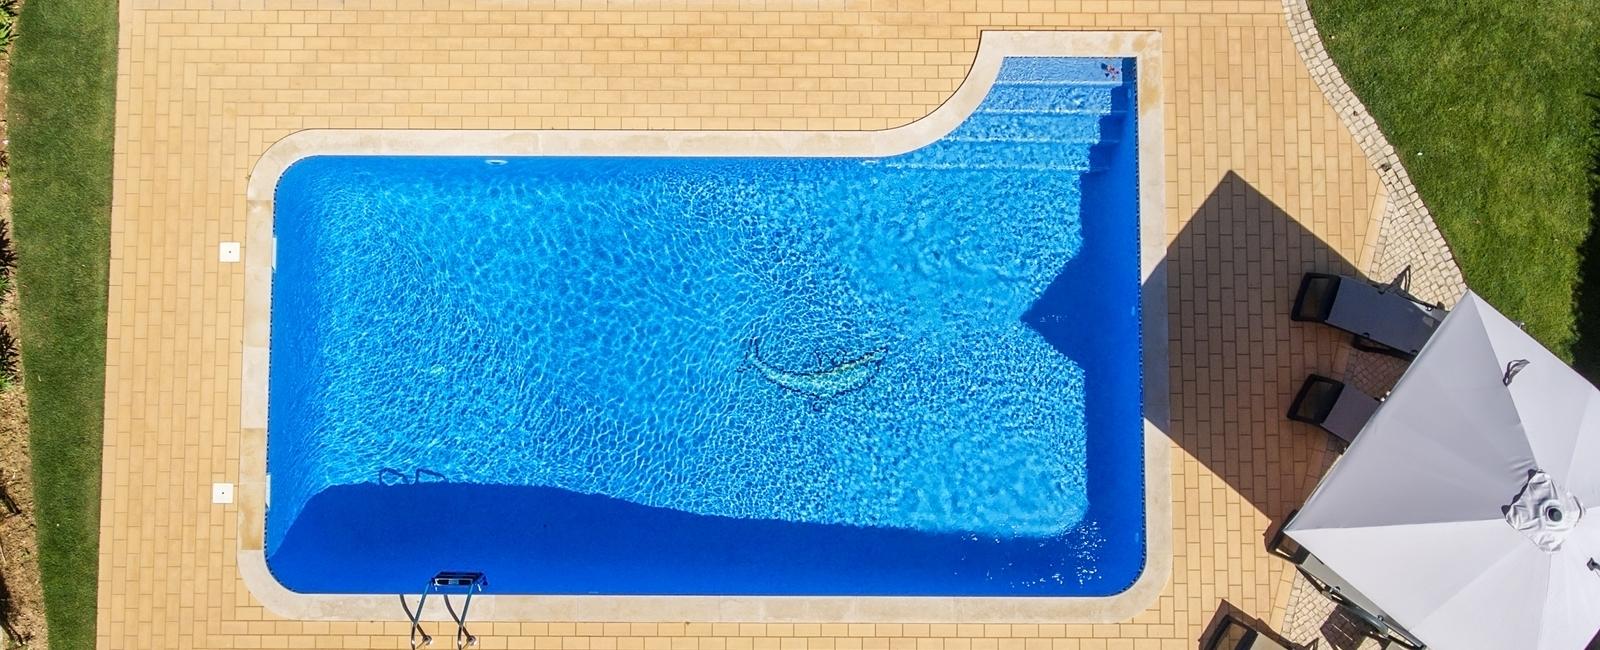 Comment Faire Une Piscine Soi Meme comment installer une piscine en kit béton ? prix, coût, devis